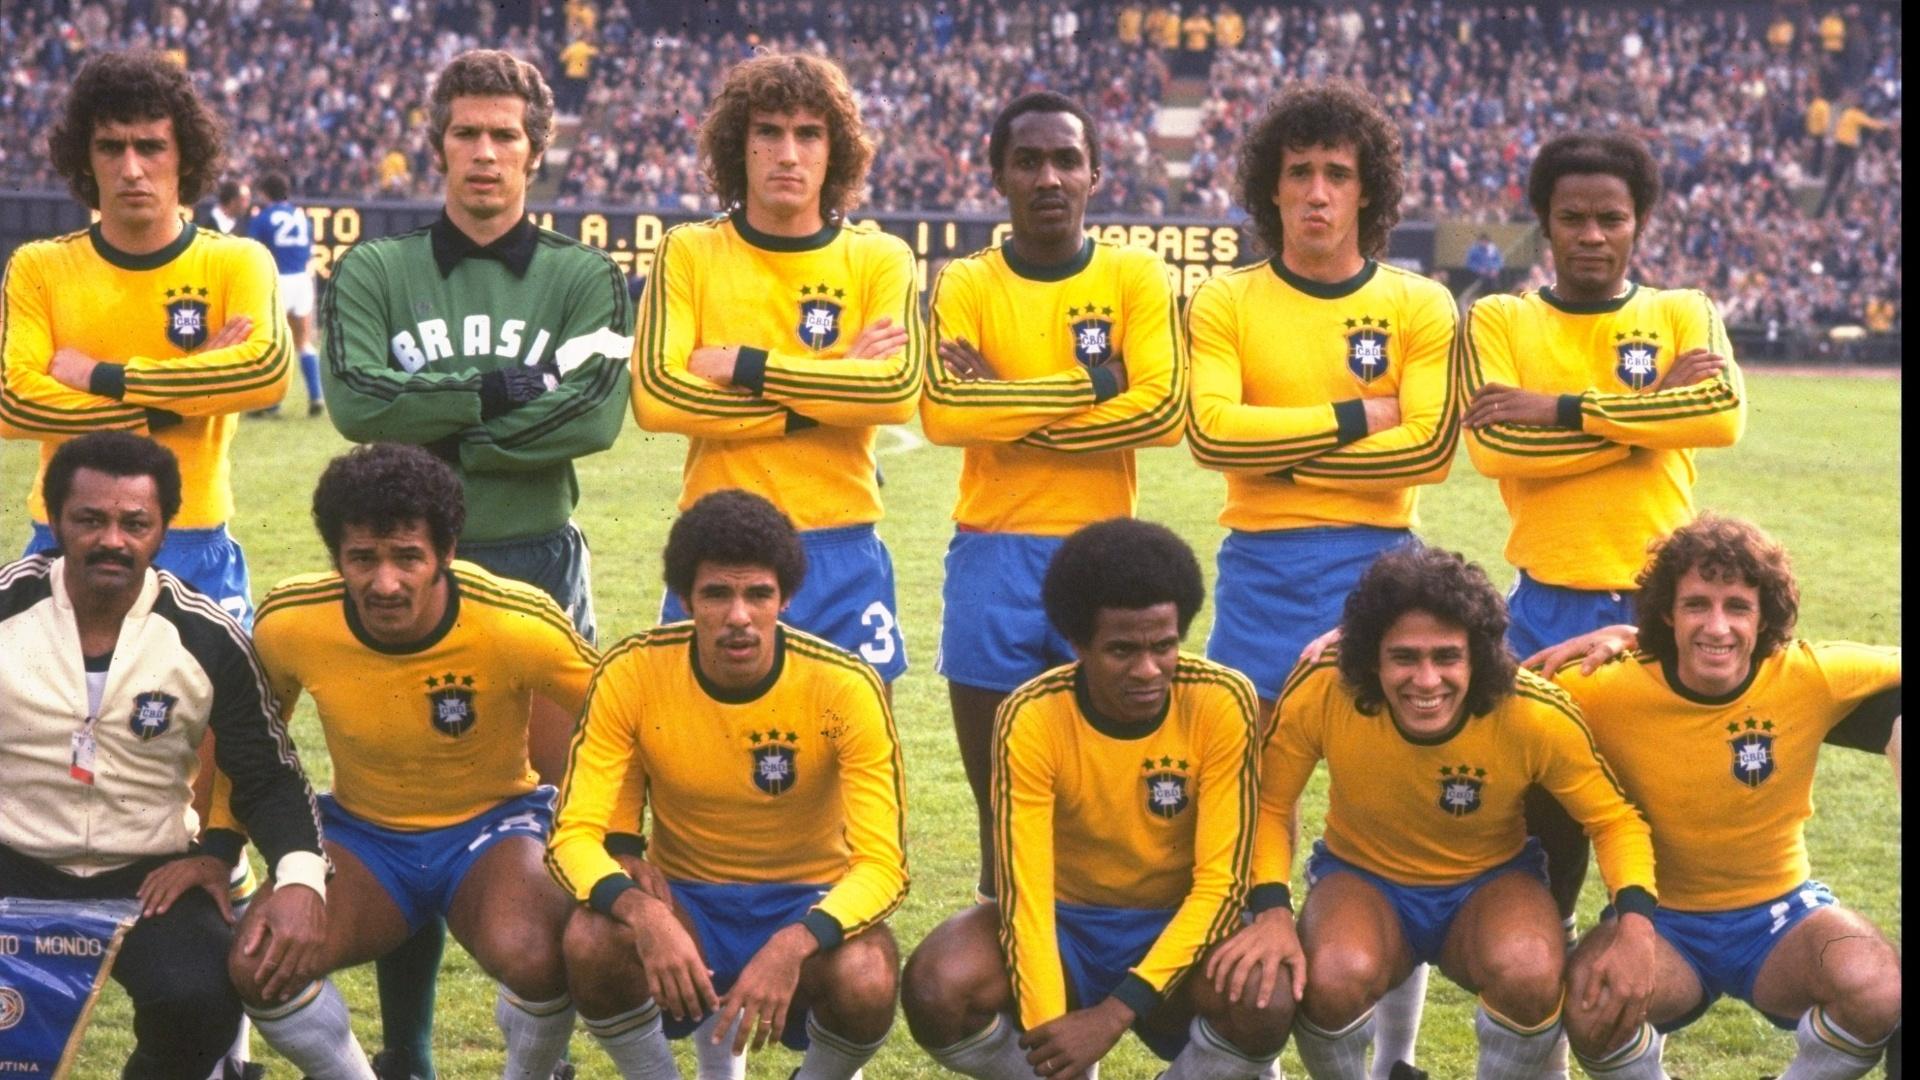 Seleção brasileira antes da partida contra a Itália na decisão do terceiro lugar da Copa do Mundo de 1978, na Argentina